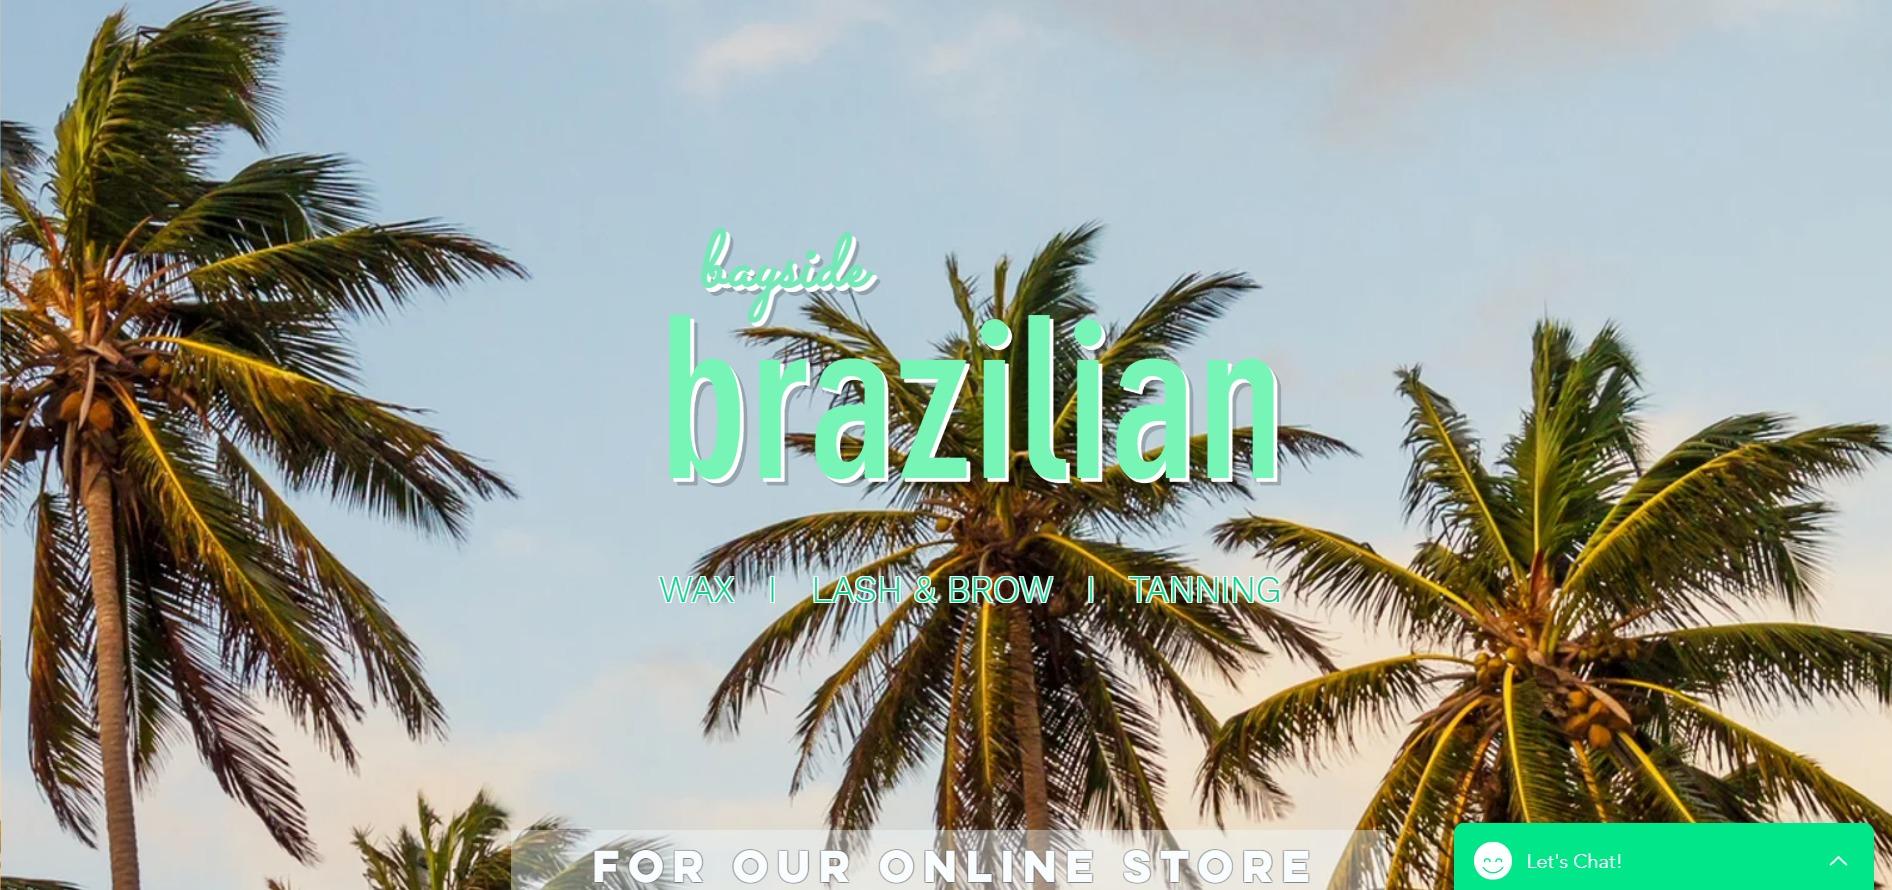 Bayside Brazilian